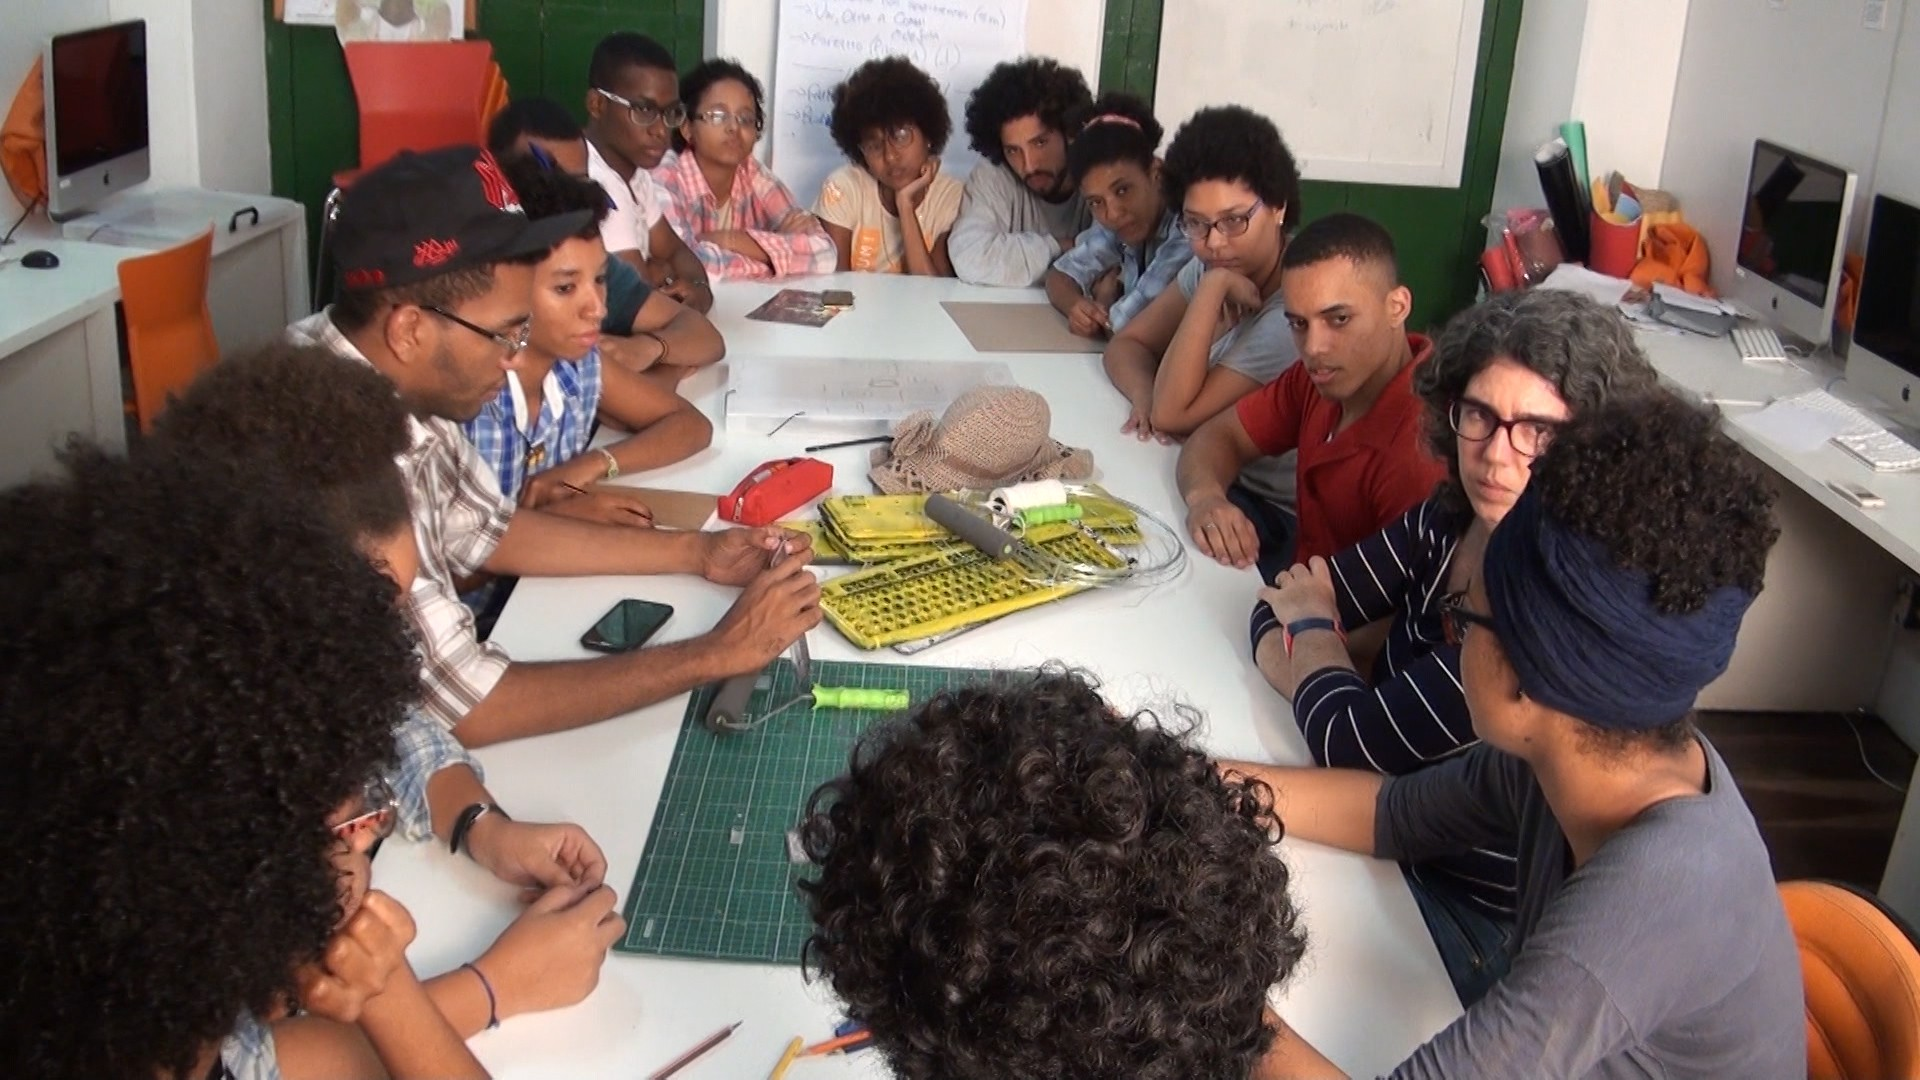 Projeto Kabum oferece oficinas de comunicação para jovens soteropolitanos (Foto: Divulgação)